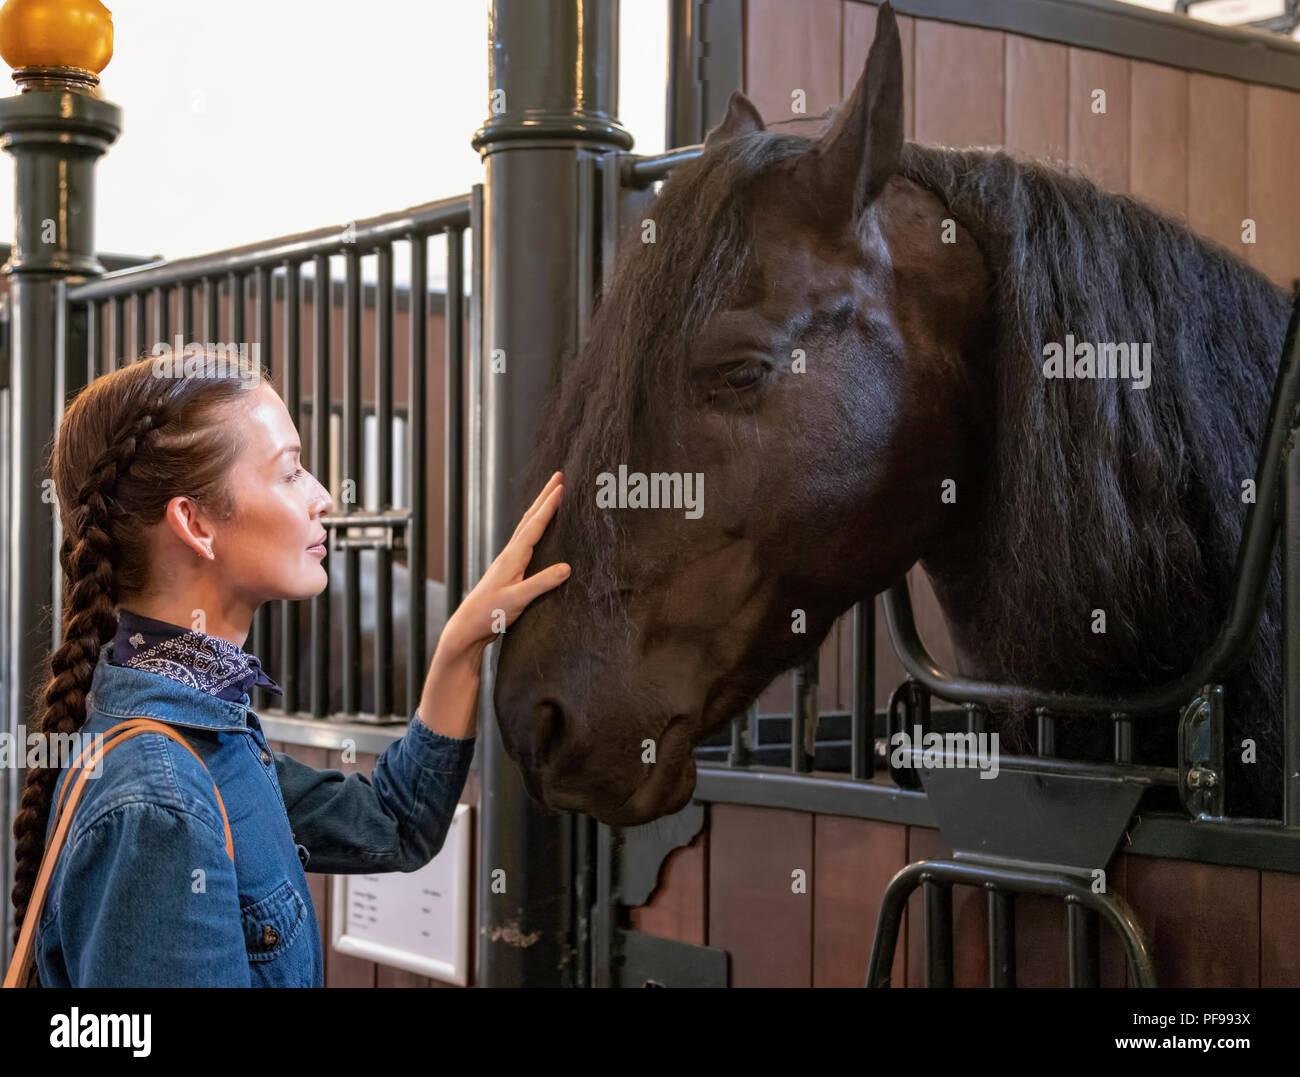 Visitante acariciando un Friesian caballo en los Establos Reales, La Haya, Holanda Meridional, Países Bajos, abierto al público el 17 de agosto de 2018. Imagen De Stock